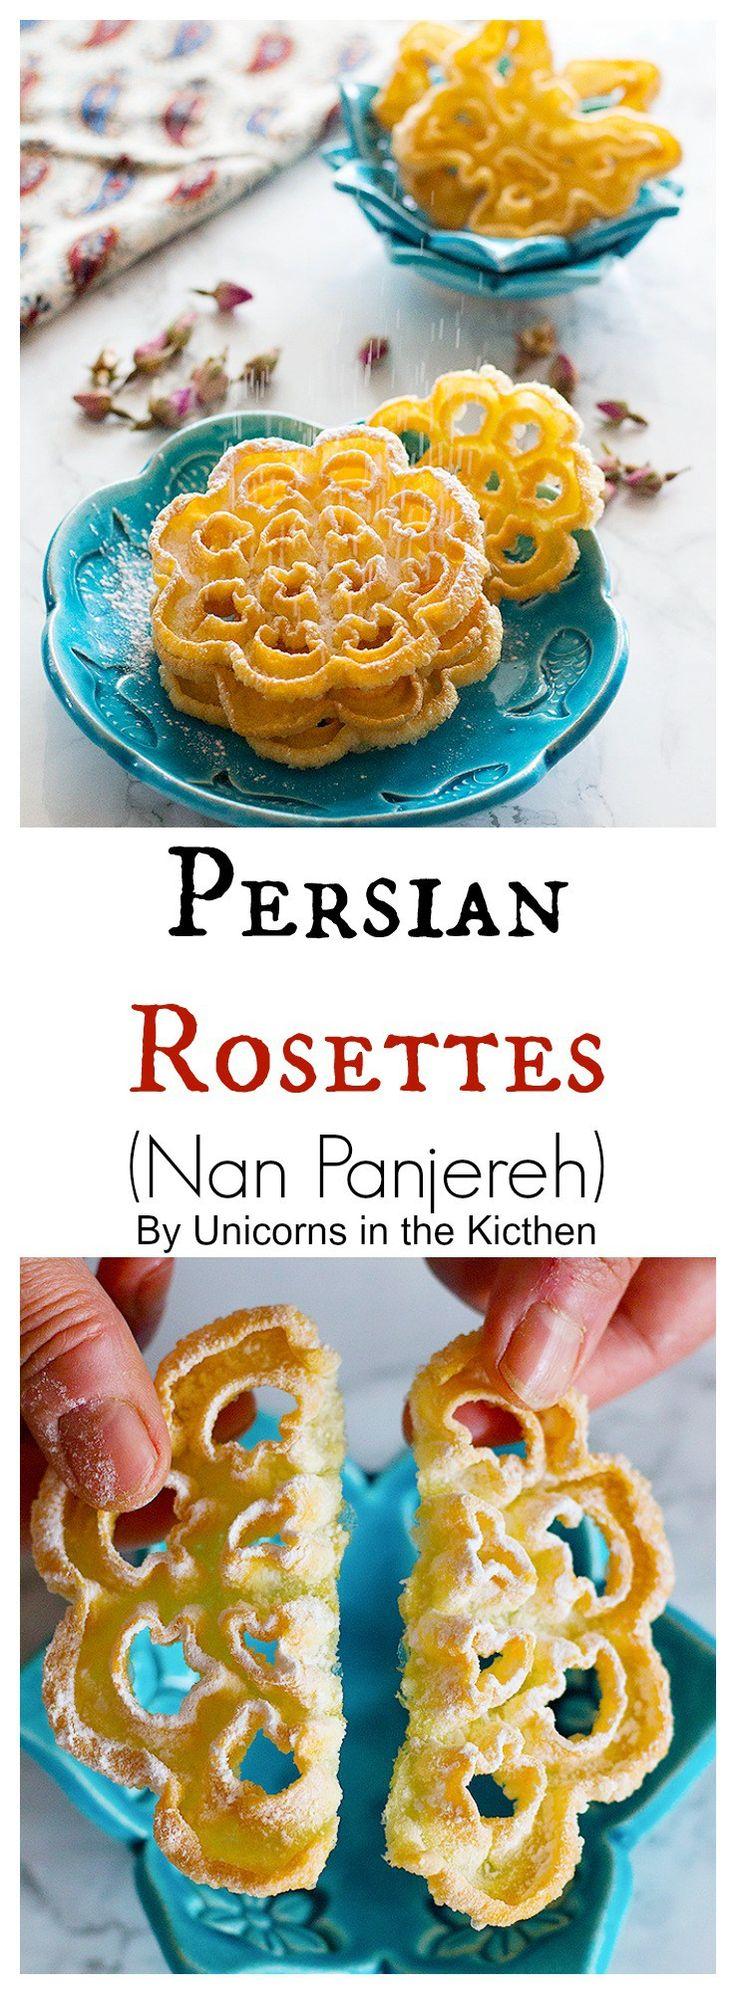 Nan panjereh - perští rozety je tradiční perský cookie, který je svěží a lehké.  Je vyroben ze základních složek, a jakmile zjistíte, techniku, je to snadné a zábavné, aby!